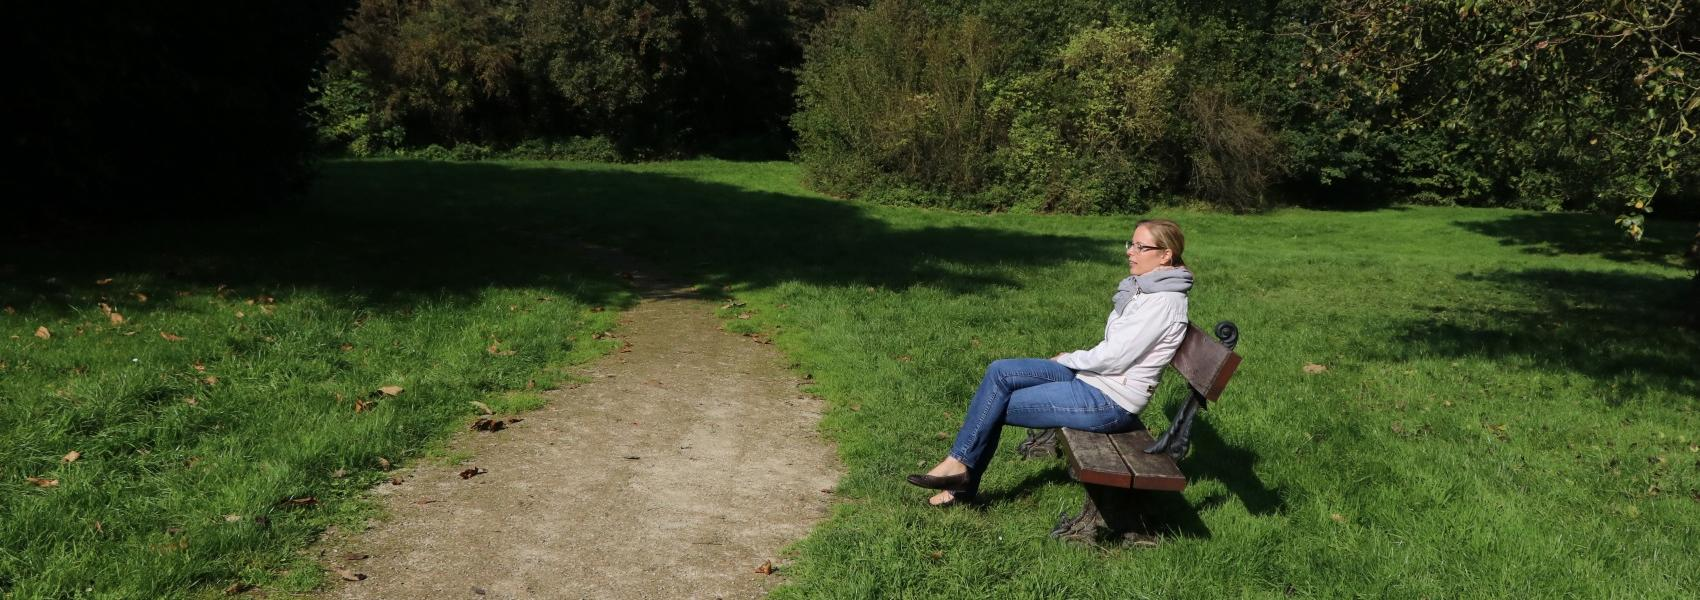 vrouw op bankje